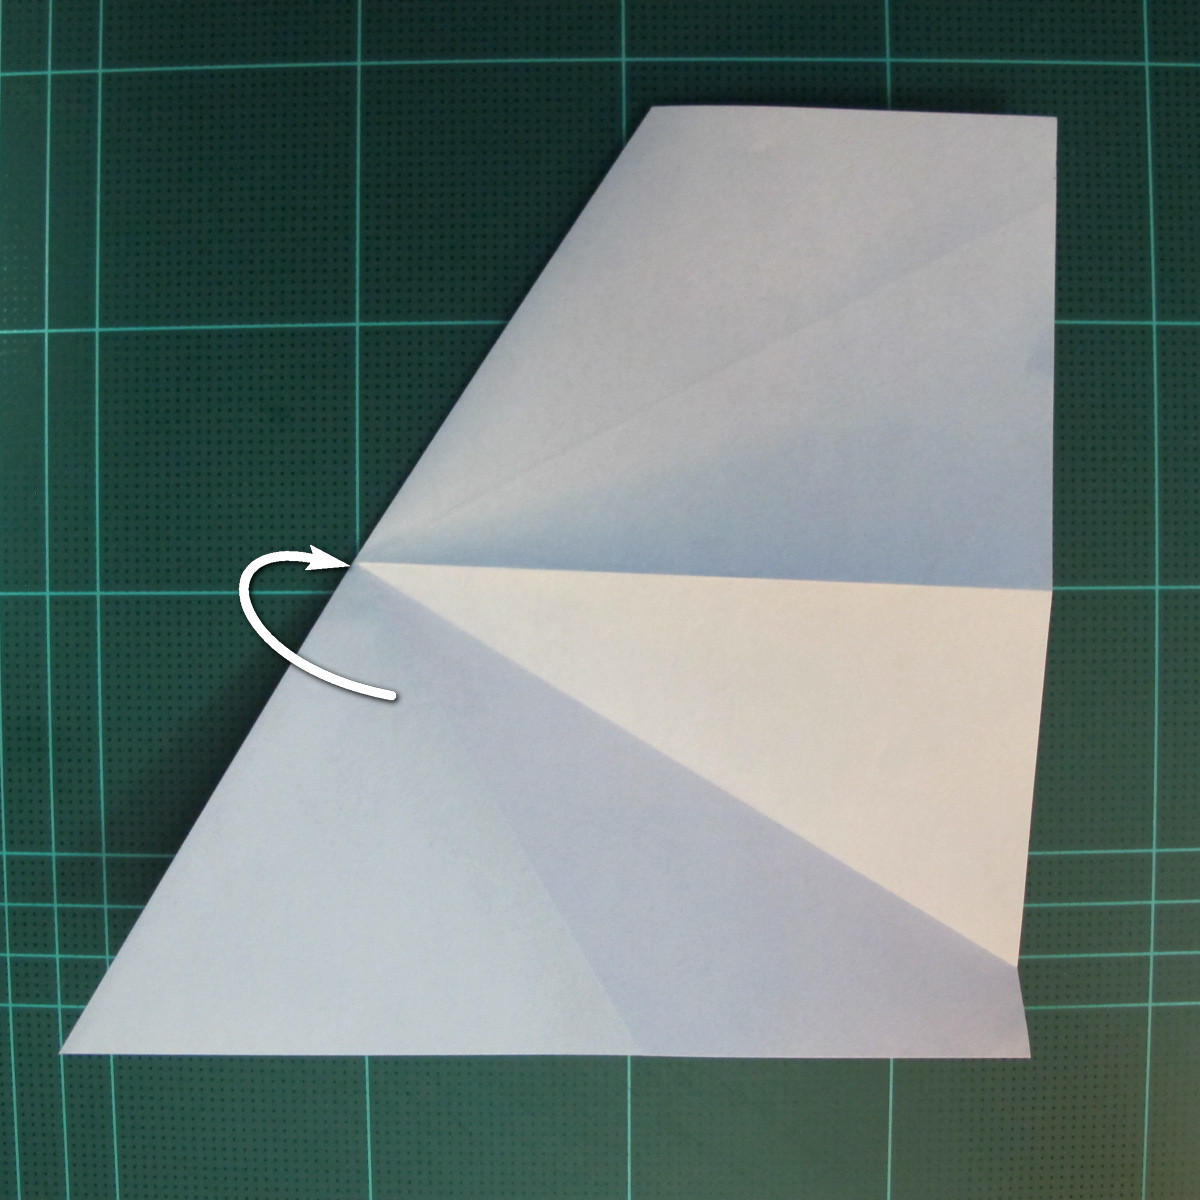 วิธีการพับกระดาษเป็นรูปกบ (แบบโคลัมเบี้ยน) (Origami Frog) 013